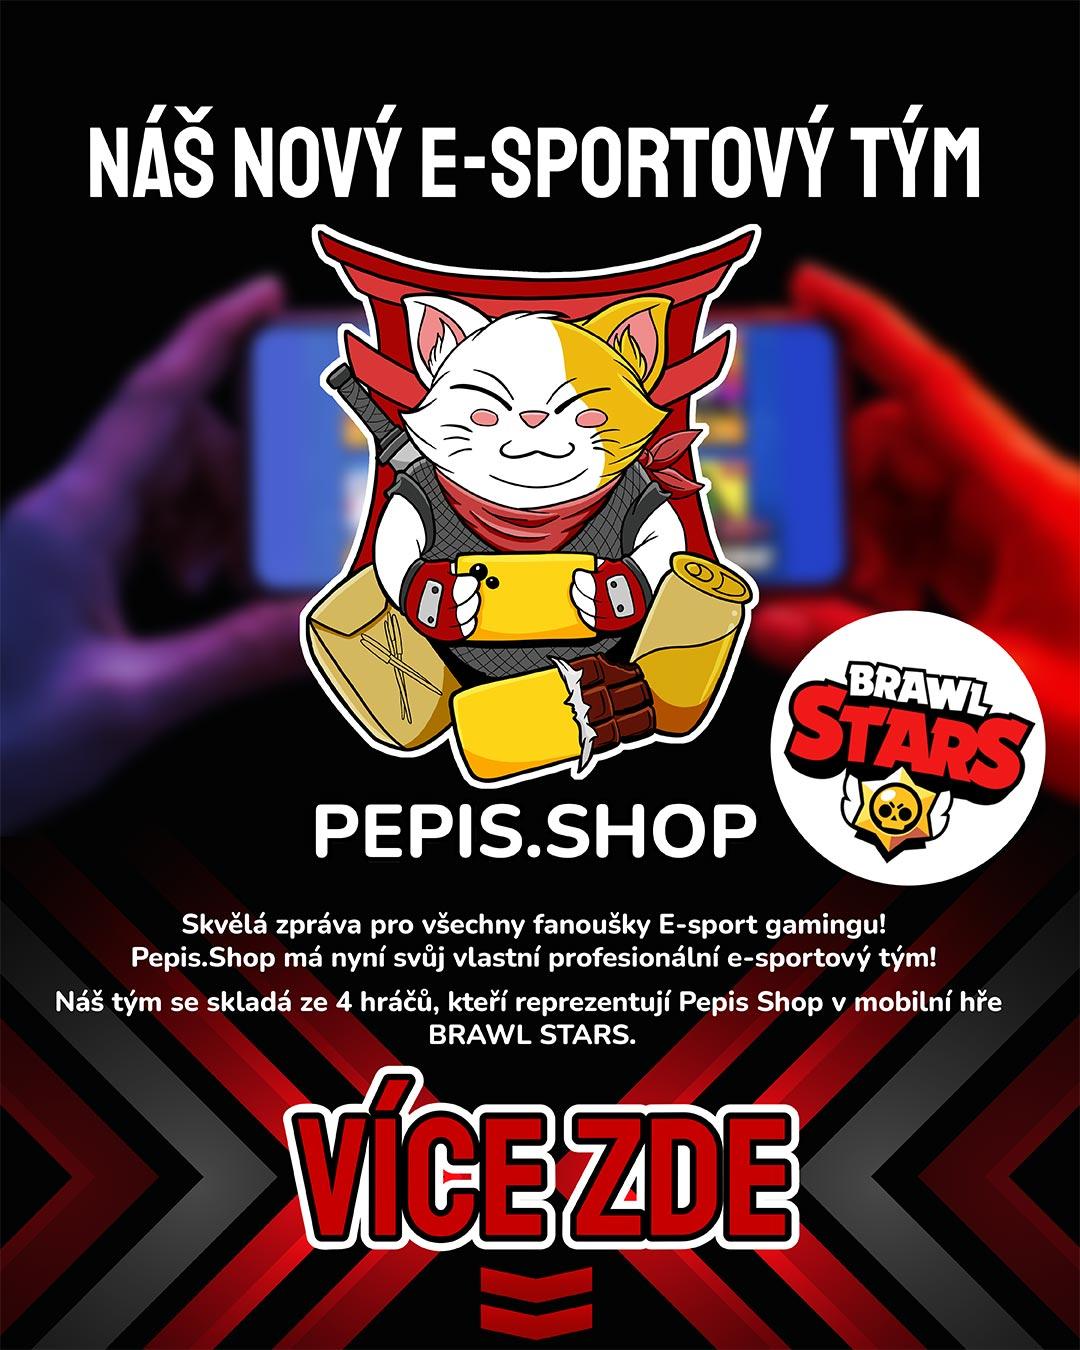 Brawl Stars Pepis.shop aneb náš e-sport tým